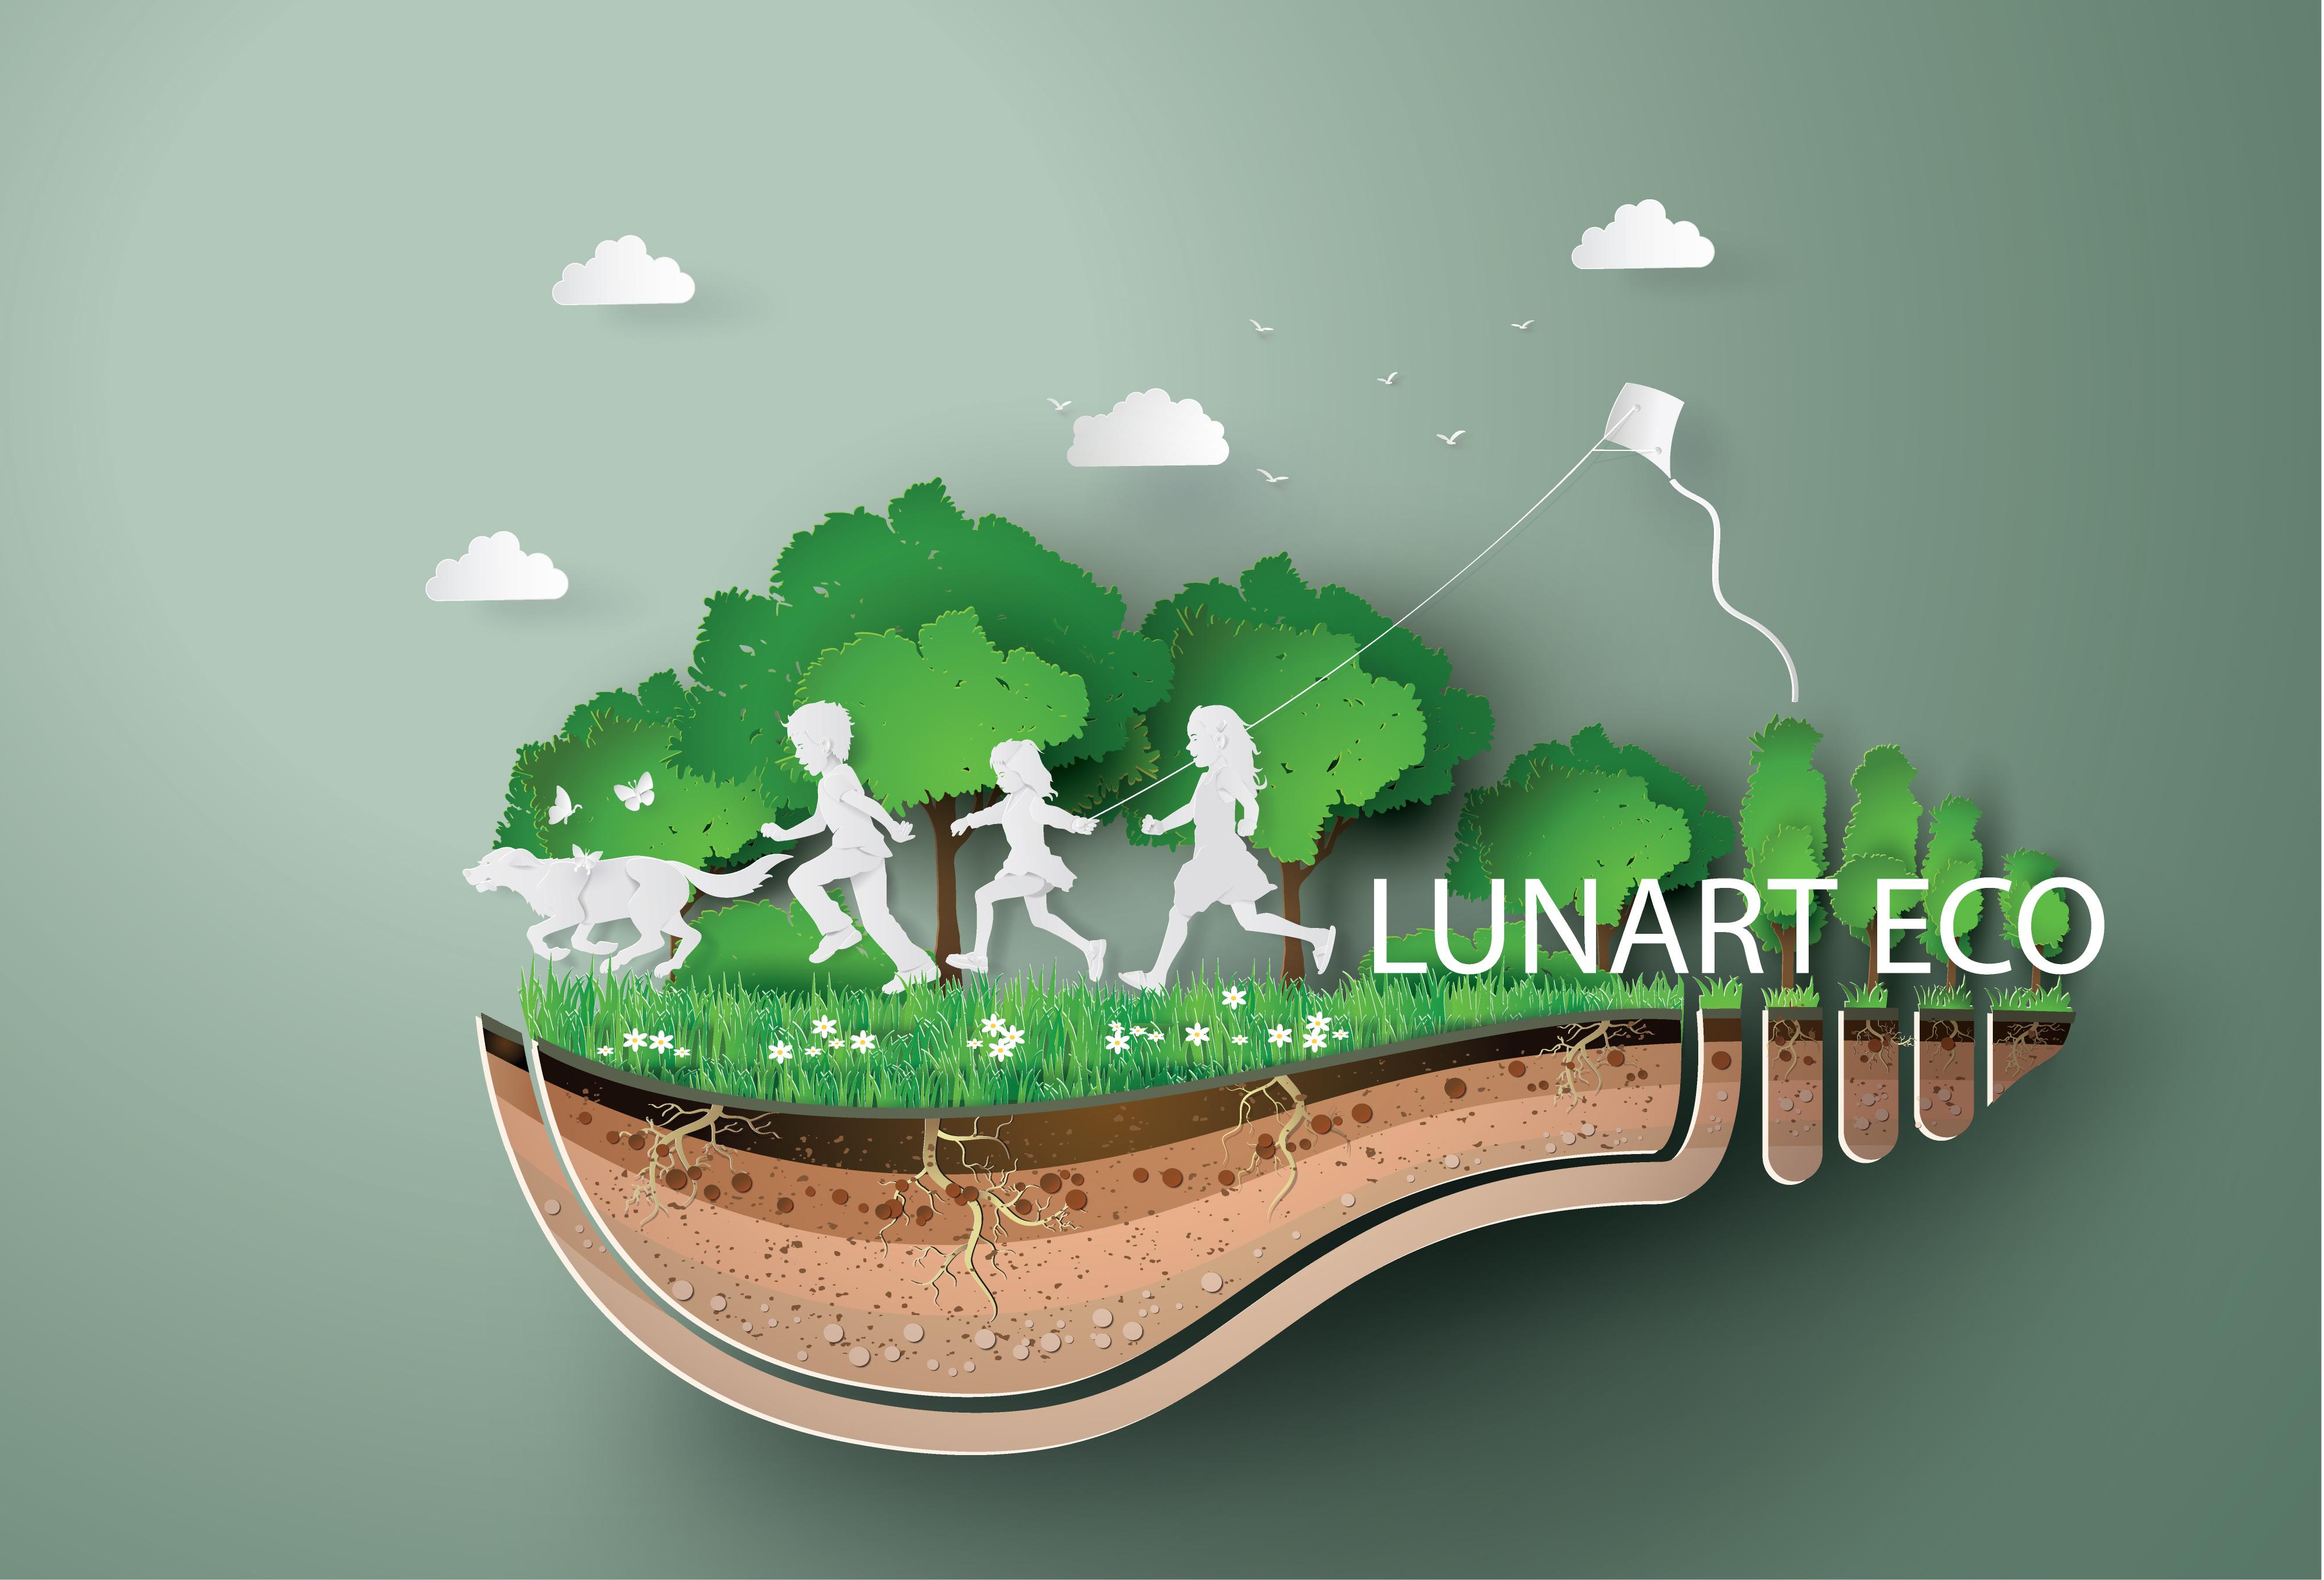 Lunart Eco